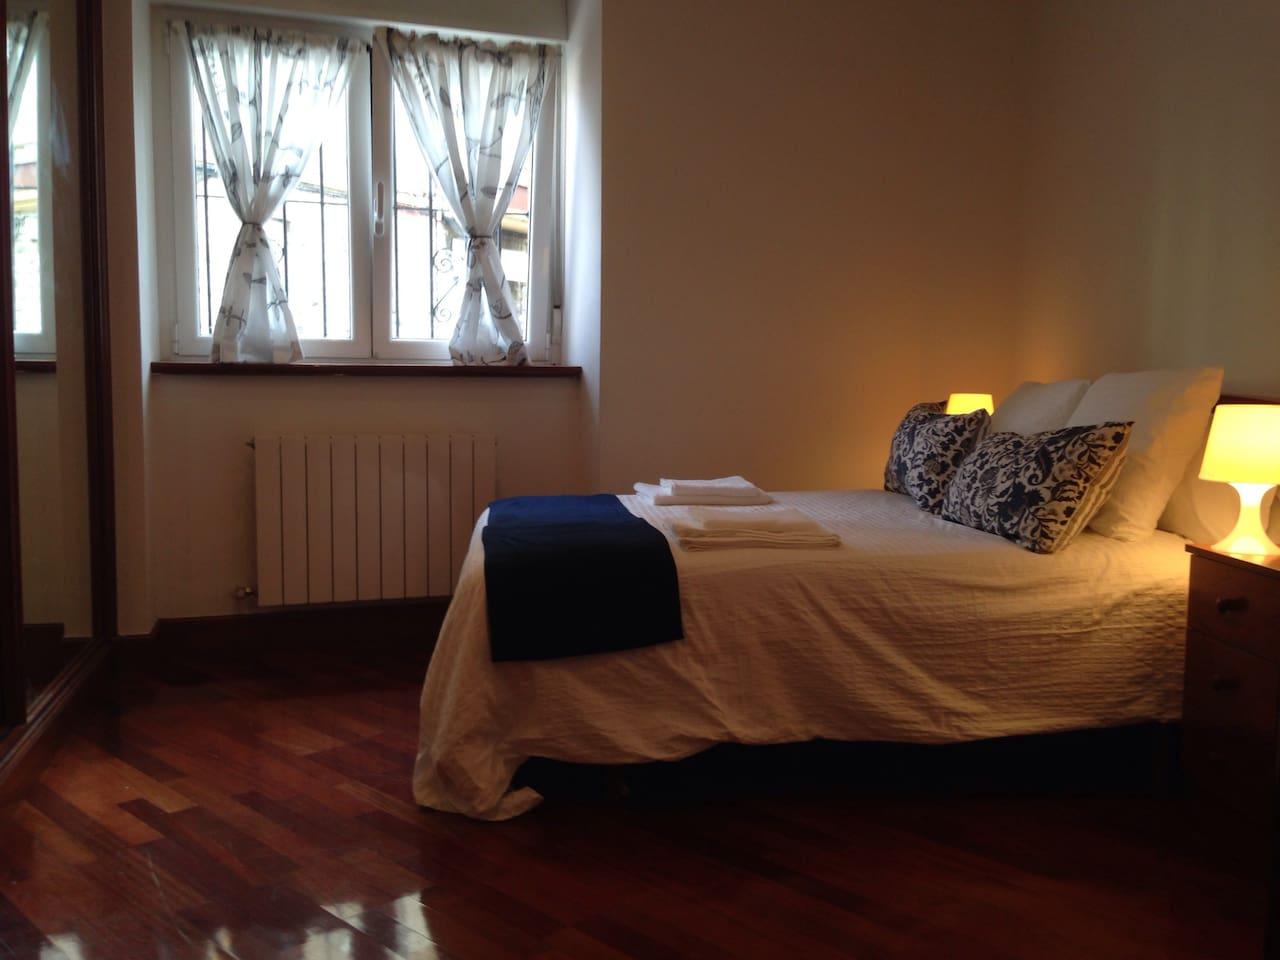 Dormitorio principal con cama de matrimonio. Main bedroom with a queen bed.